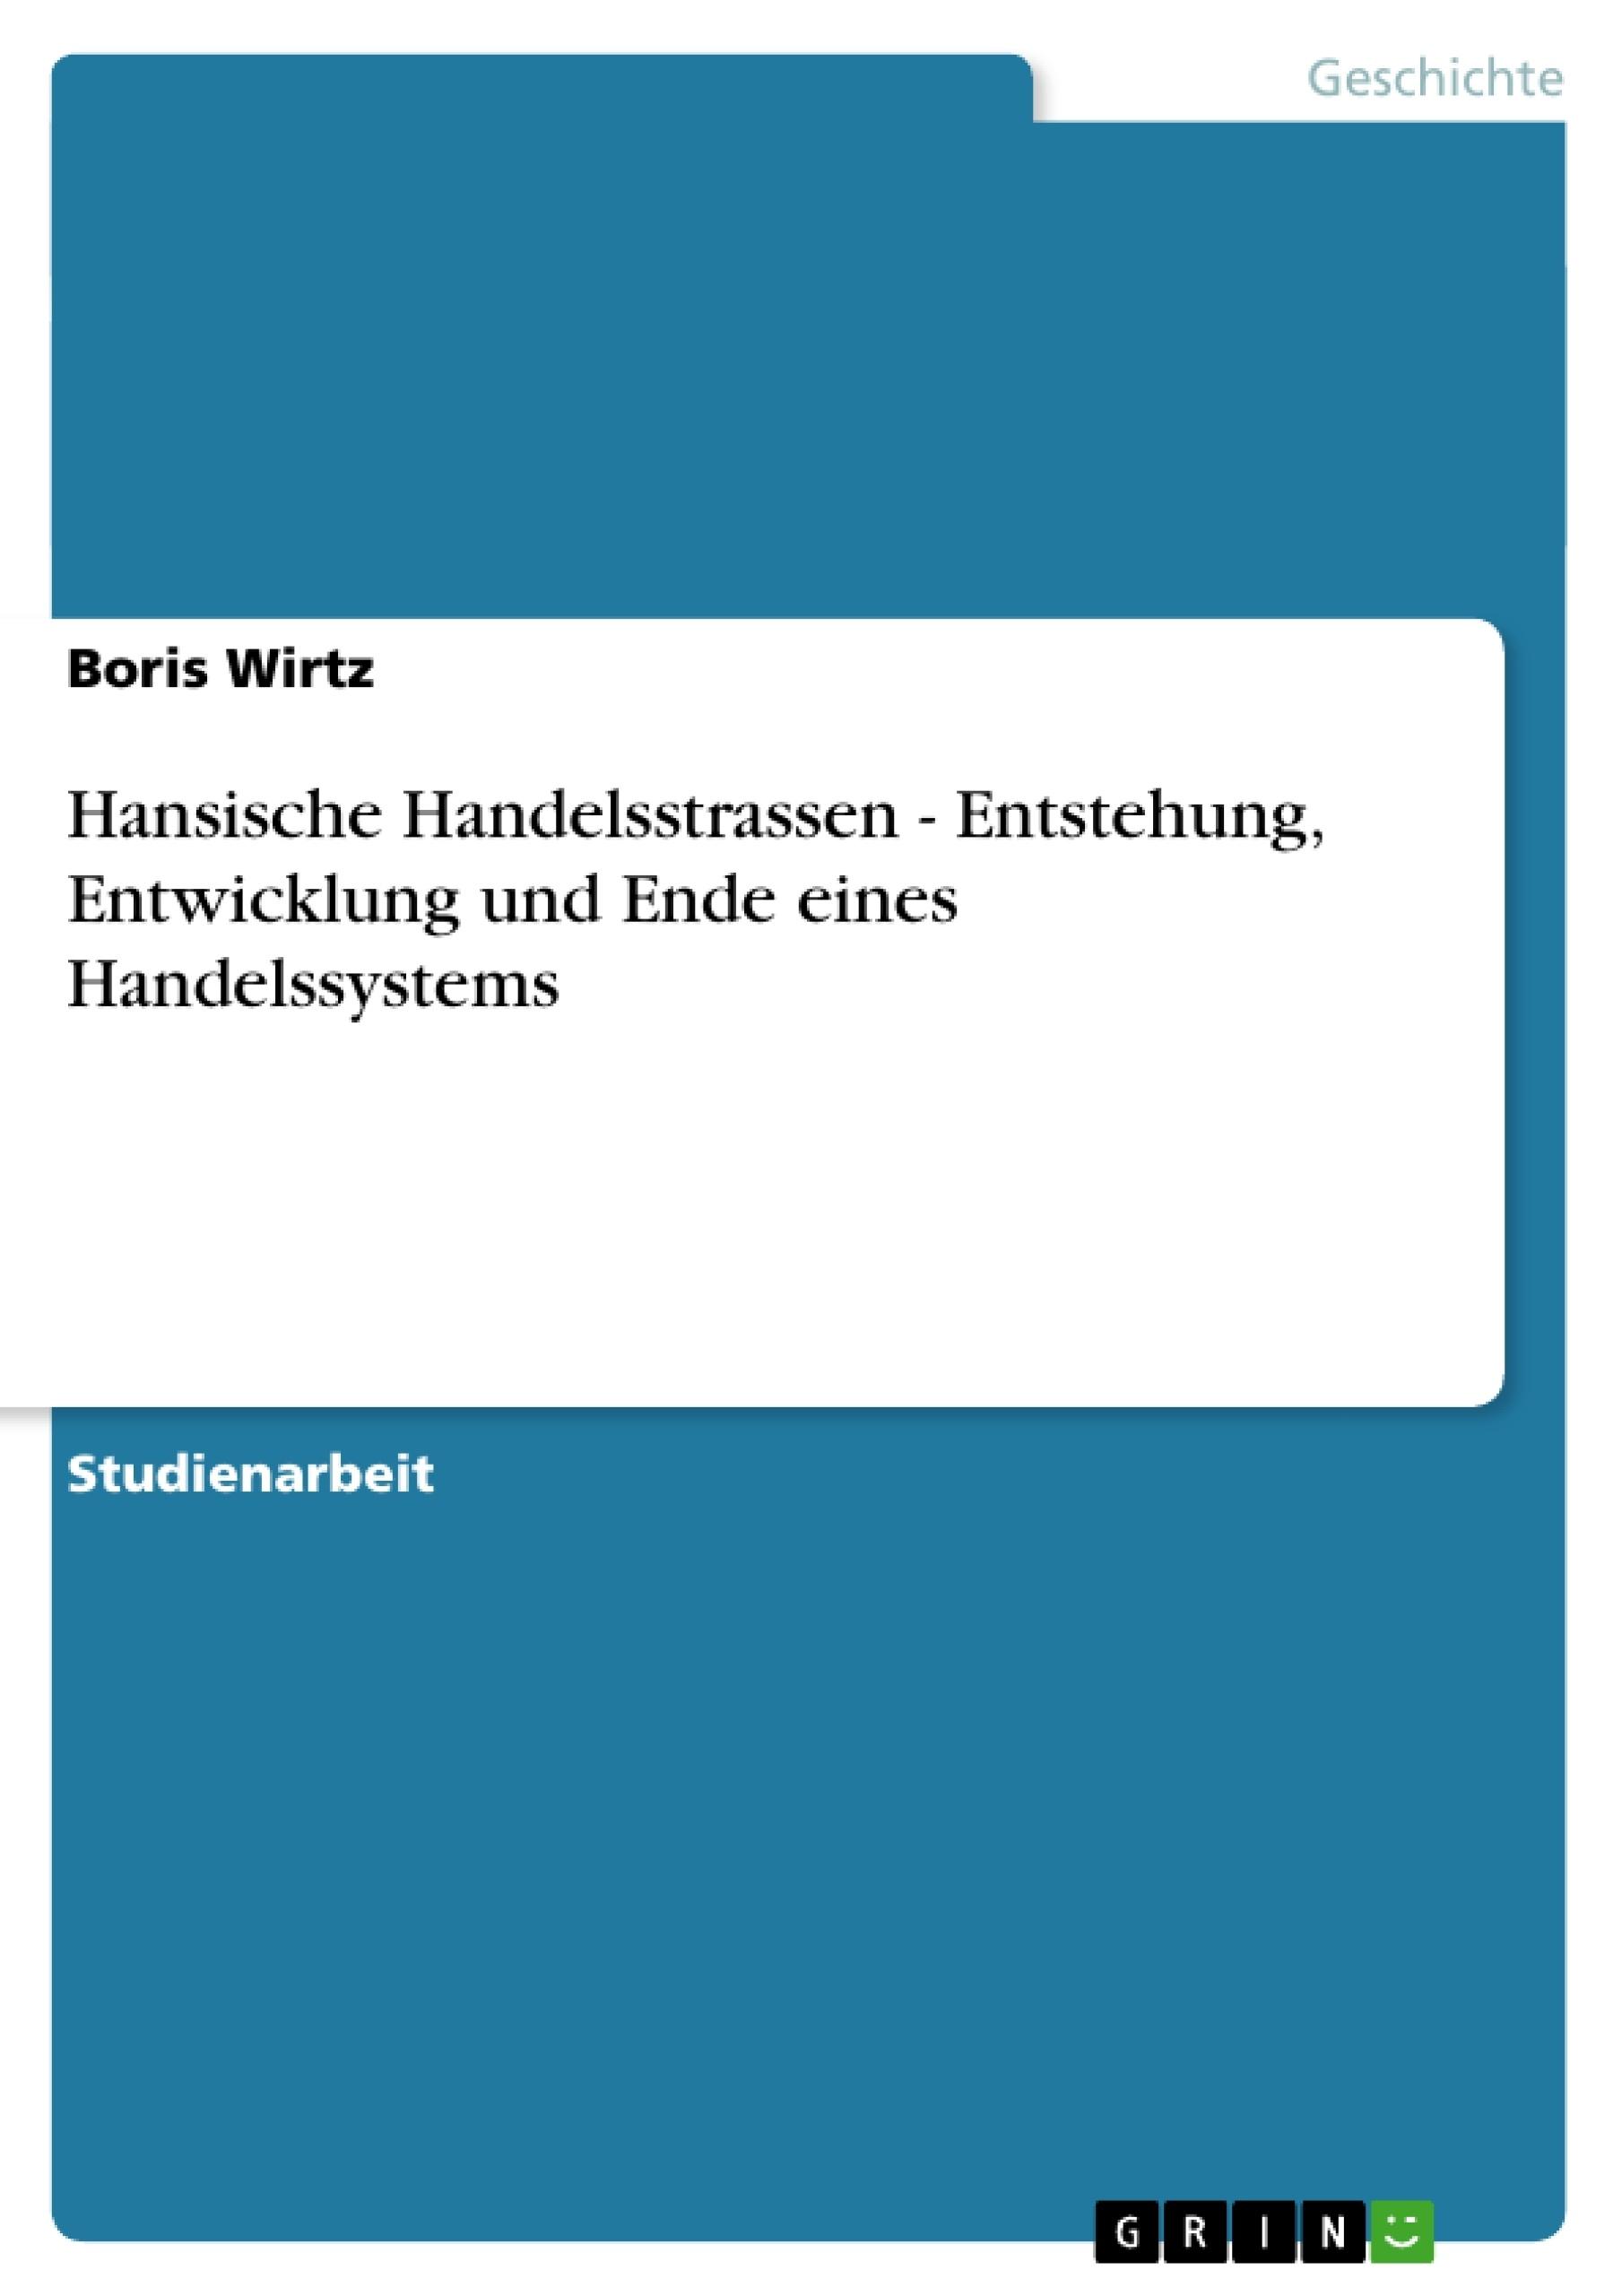 Titel: Hansische Handelsstrassen - Entstehung, Entwicklung und Ende eines Handelssystems